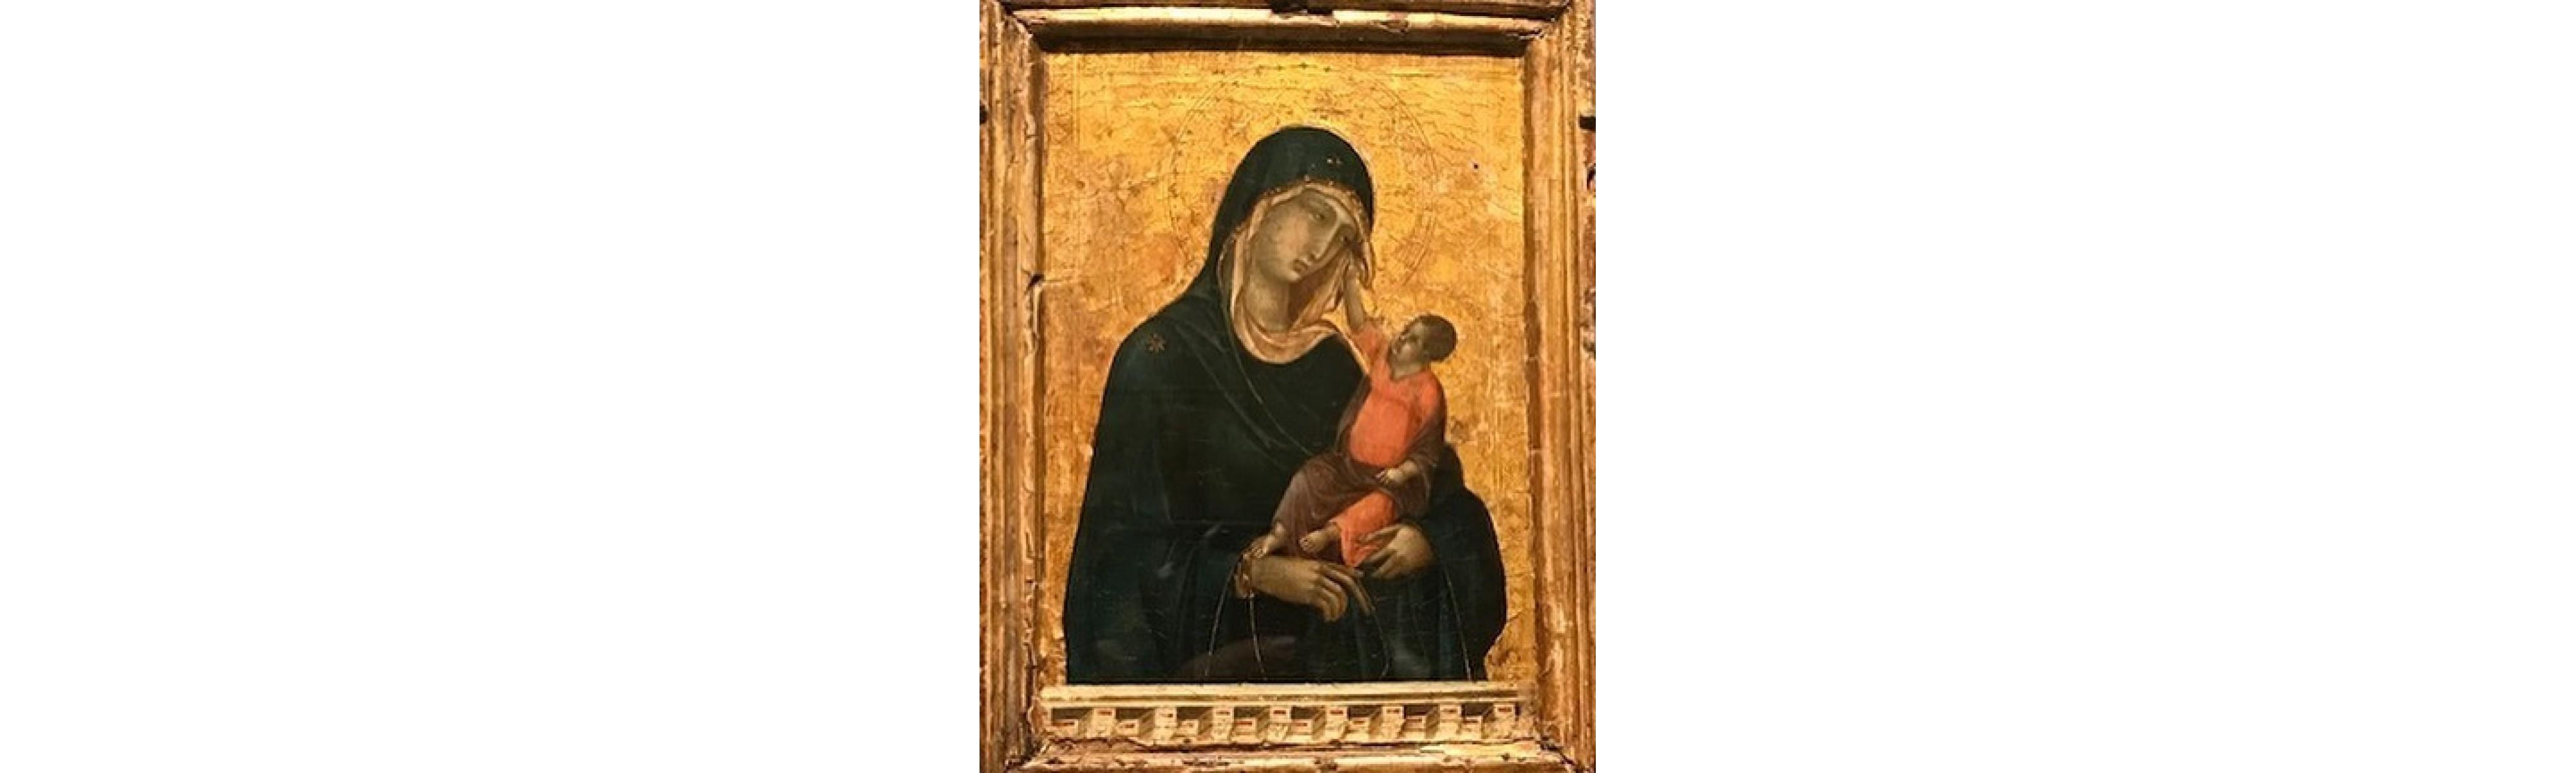 The Duccio Madonna & Child